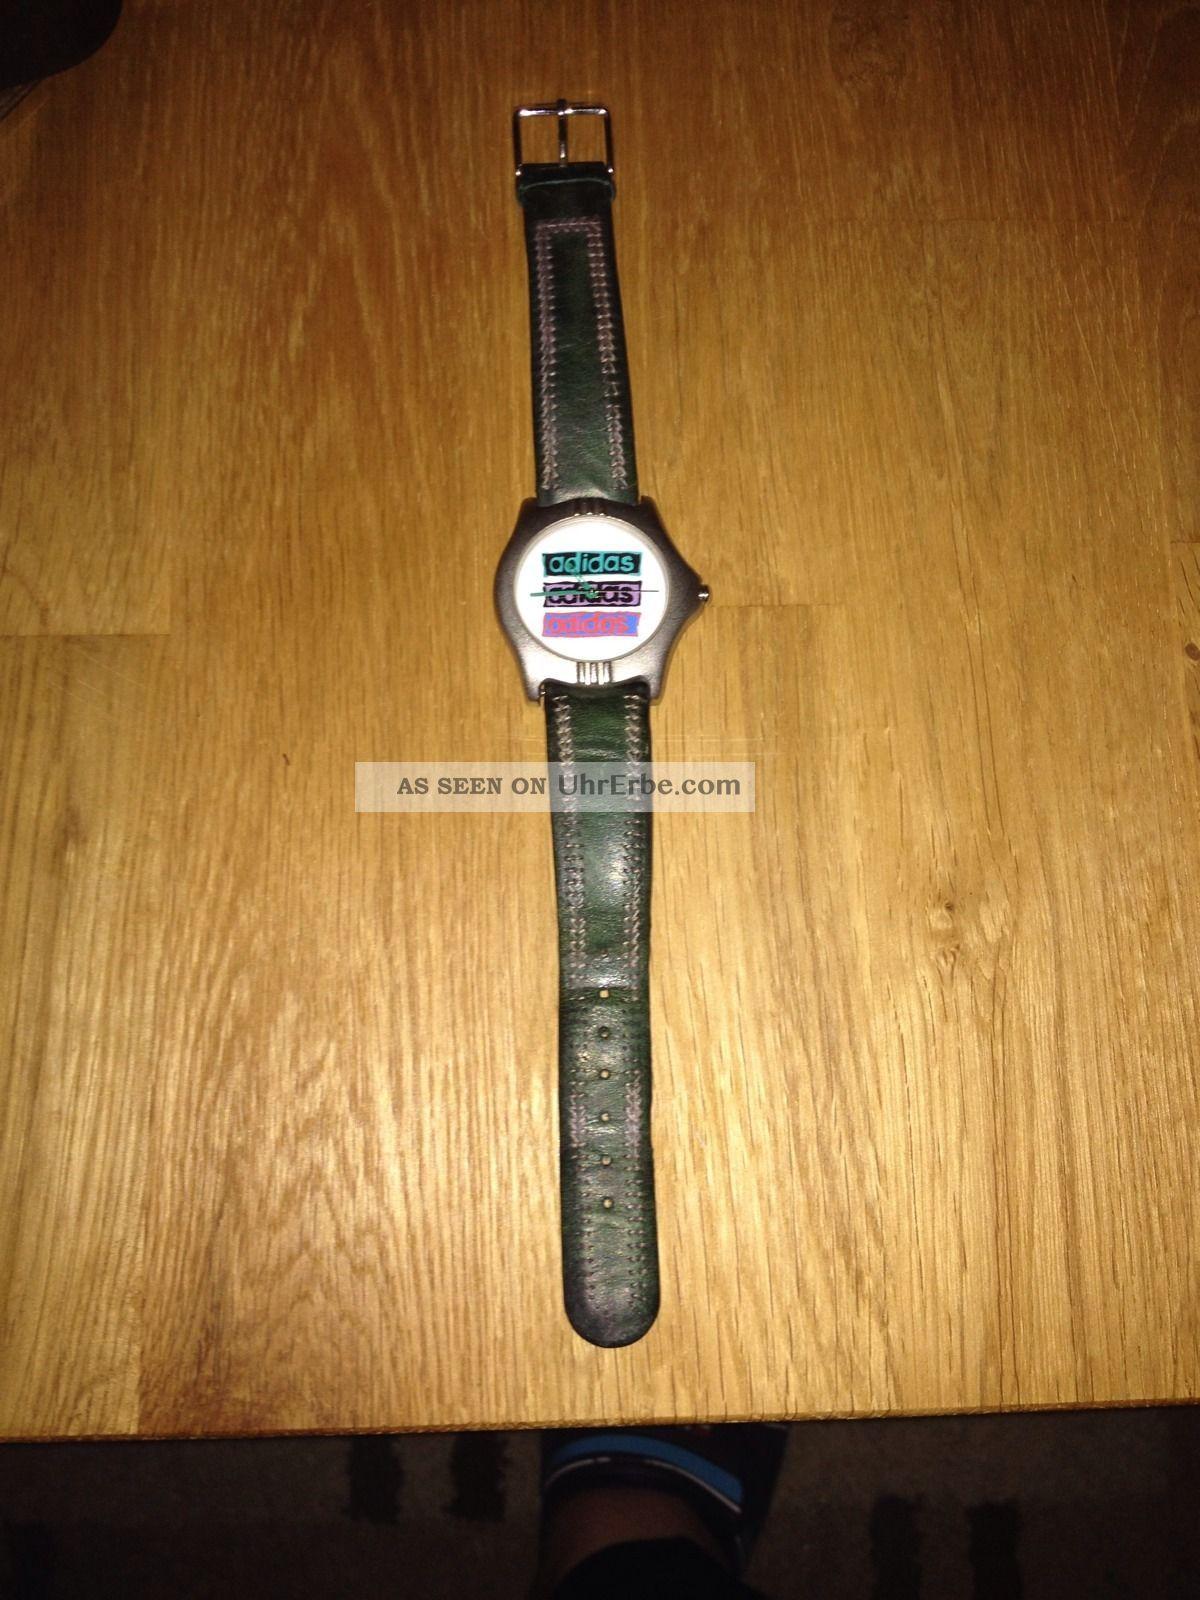 Uhr Von Adidas Armbanduhren Bild